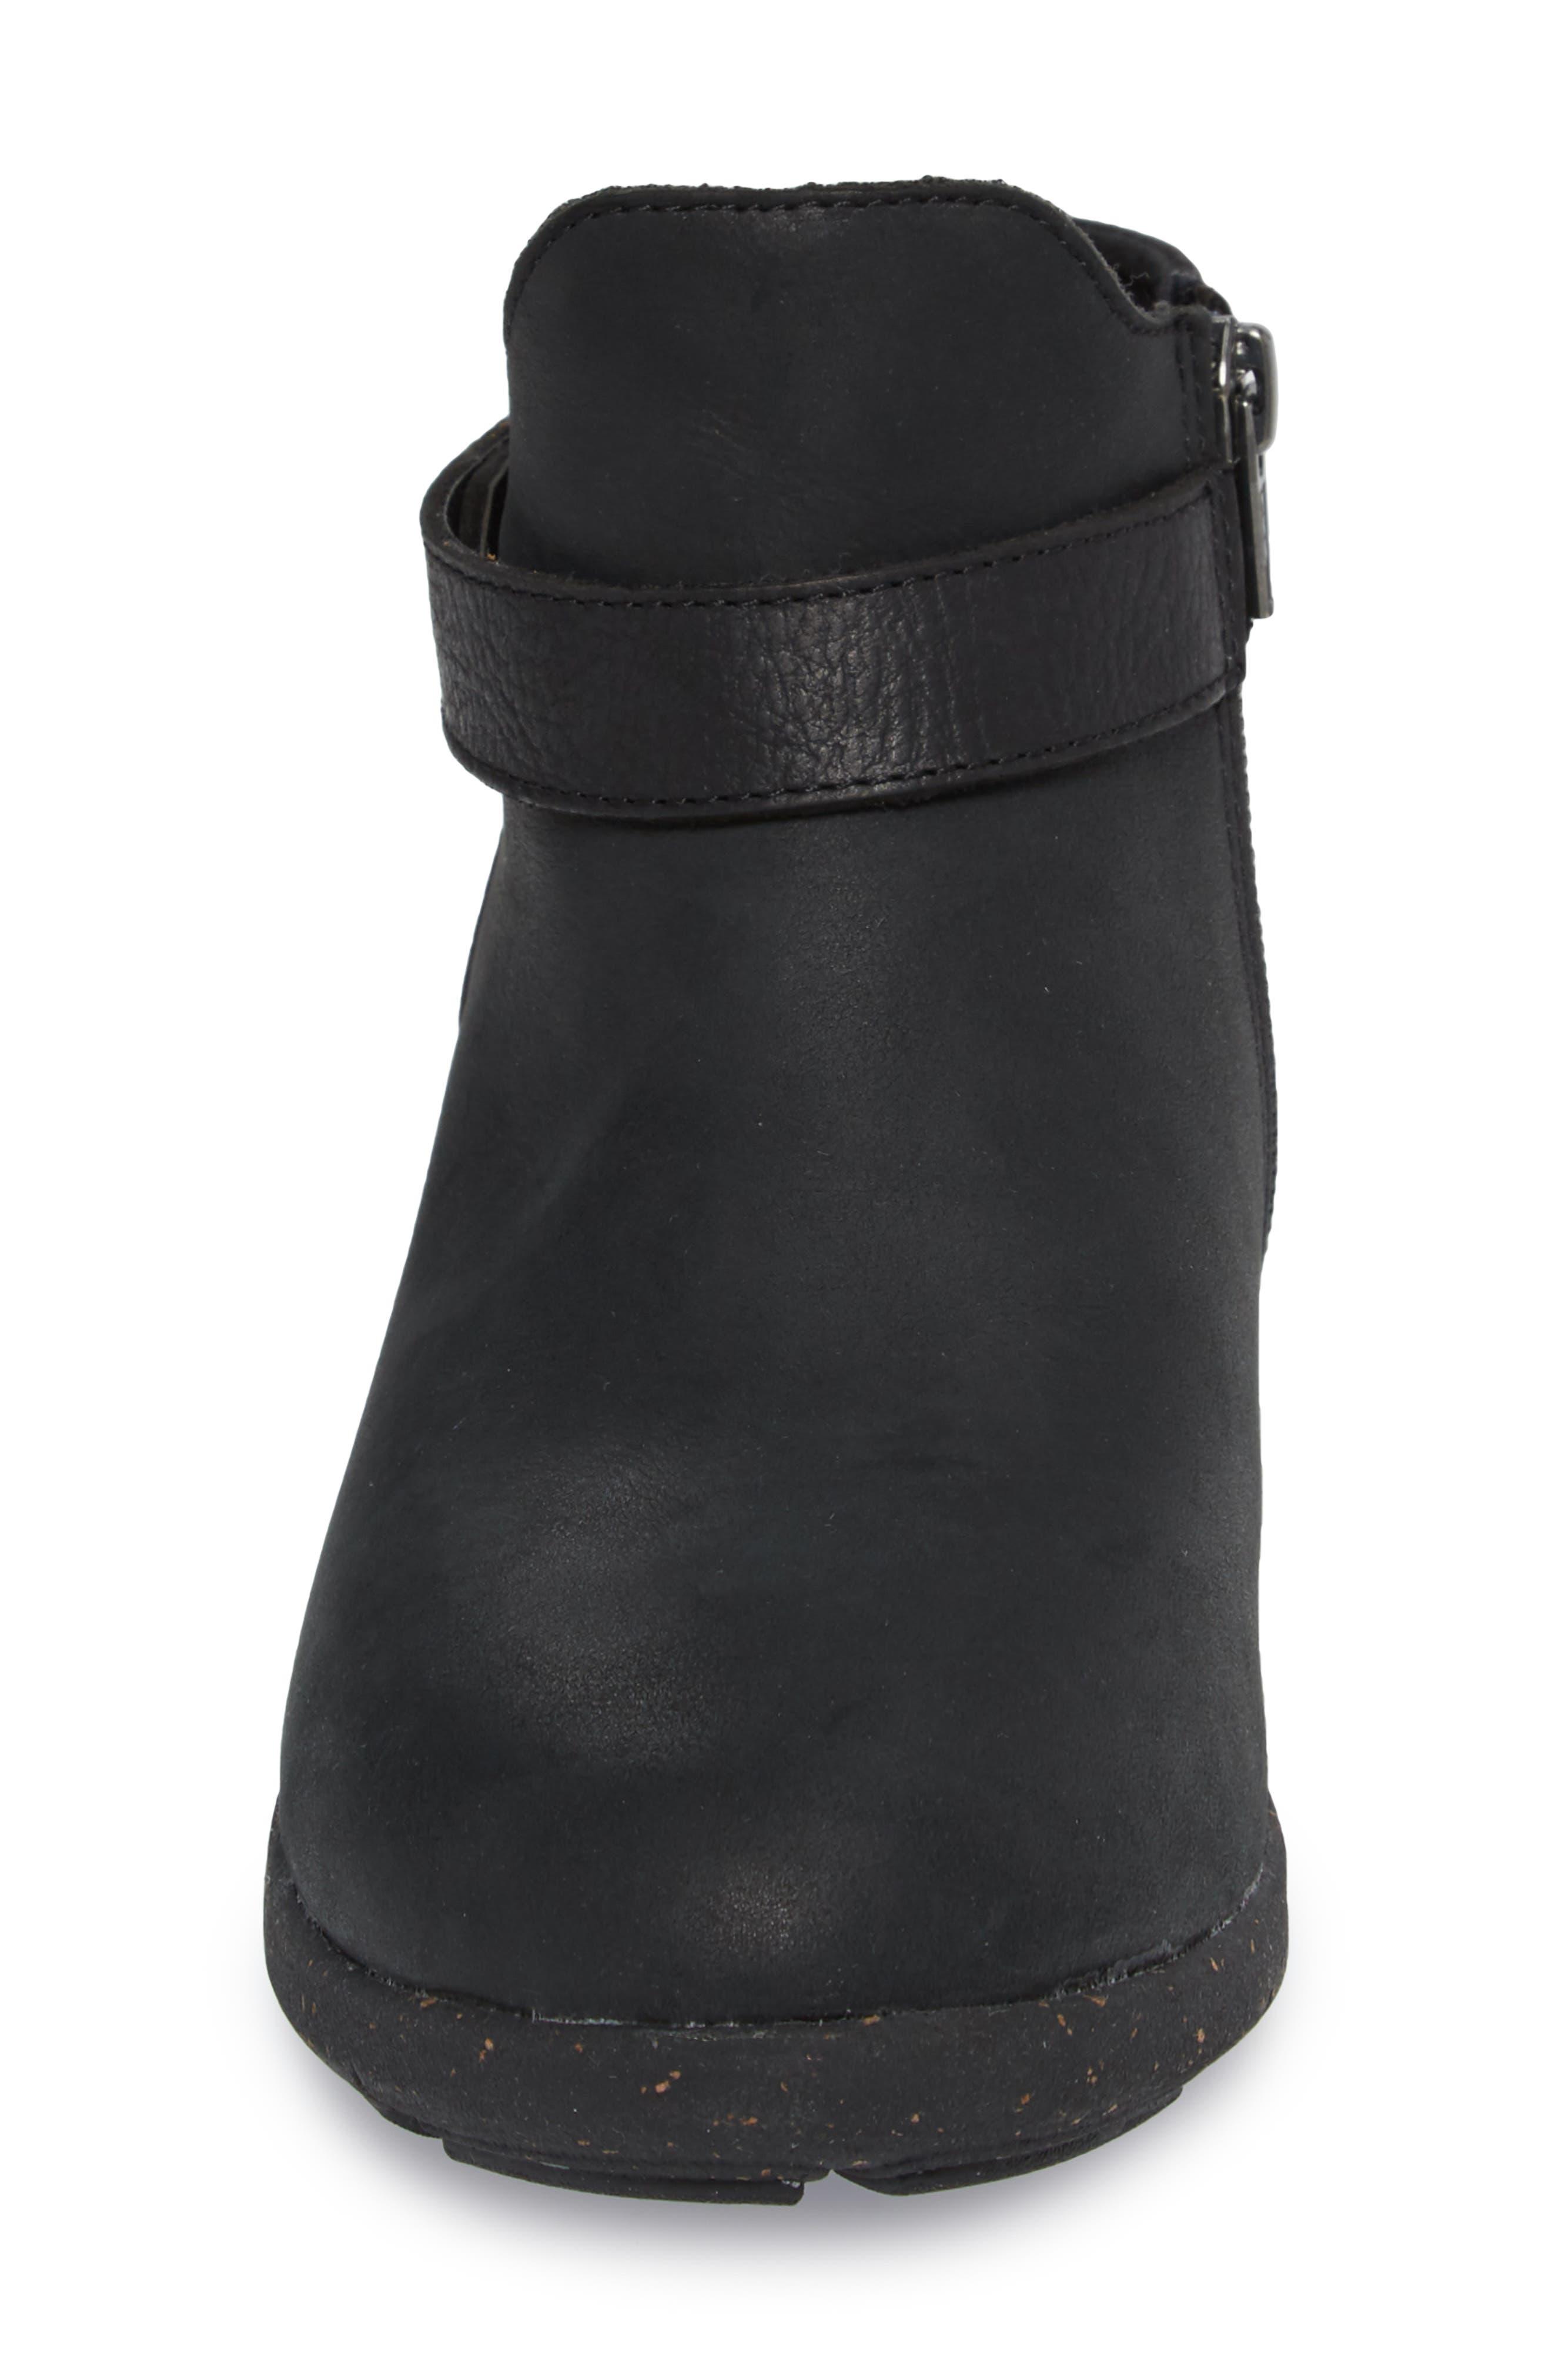 Ash Bootie,                             Alternate thumbnail 4, color,                             Black Leather